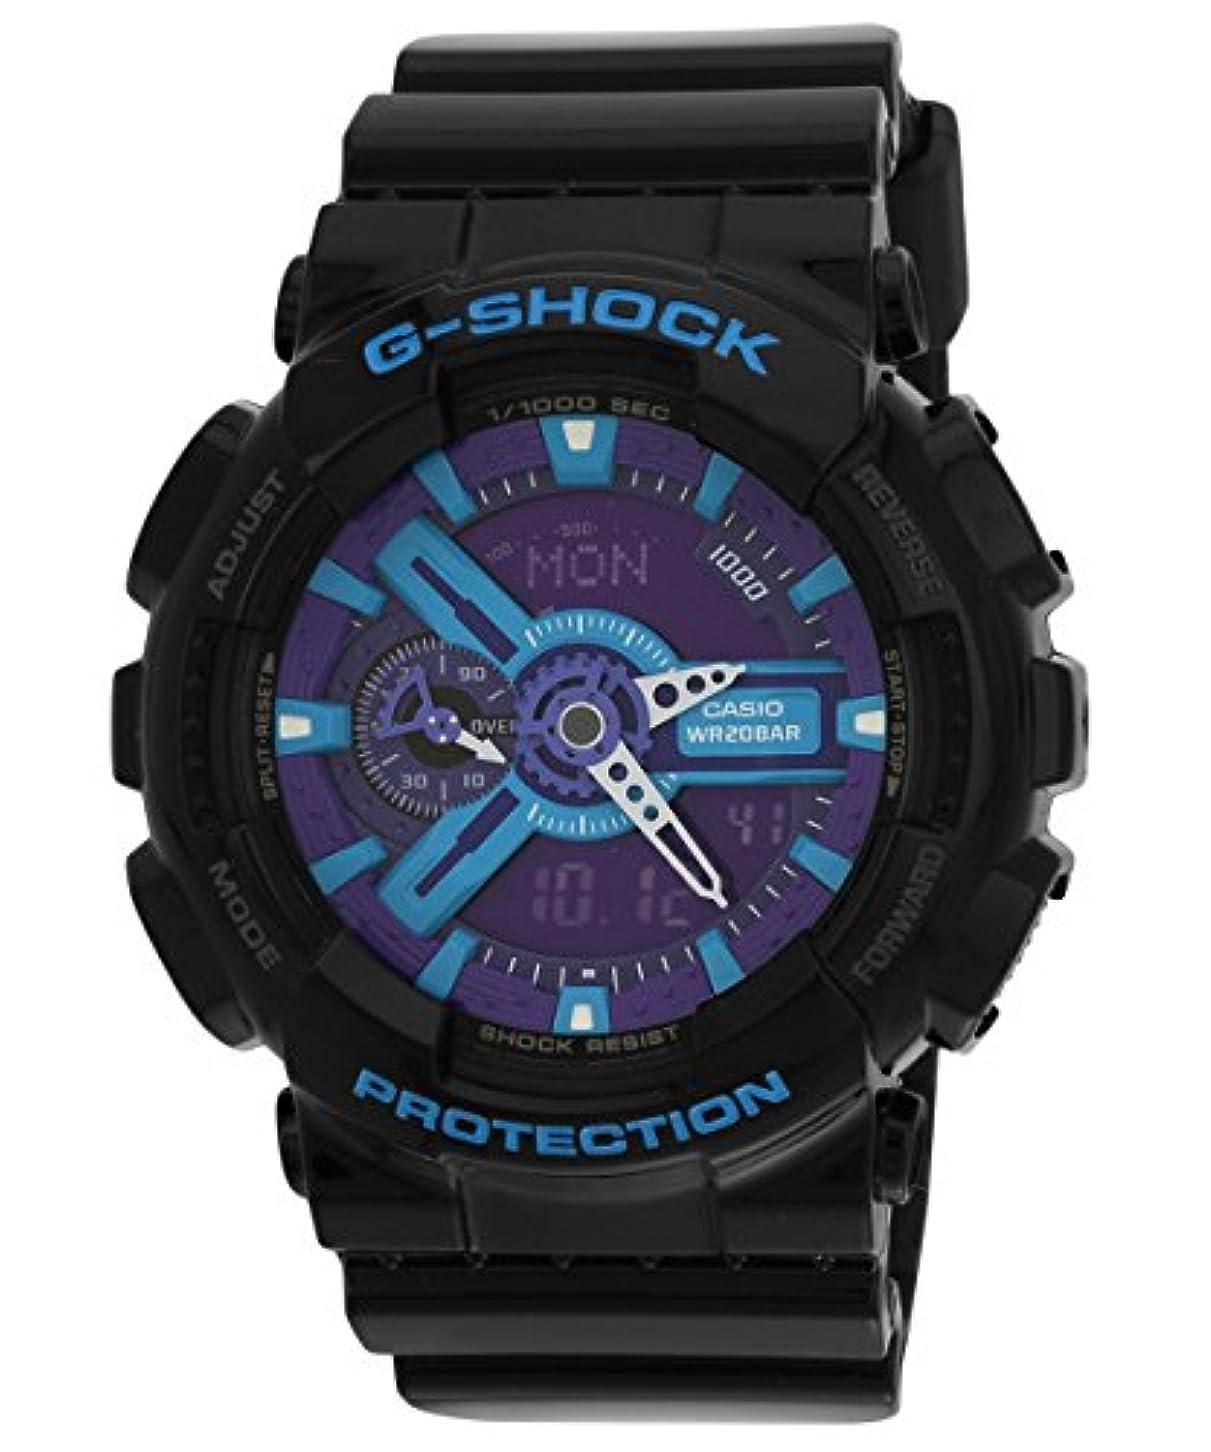 運河ゴルフ土砂降りCASIO G-SHOCK (カシオ Gショック) 腕時計 メンズ アナデジモデル GA-110HC-1A Hyper Colors ブラック×ブルー 海外モデル 逆輸入品 [並行輸入品]